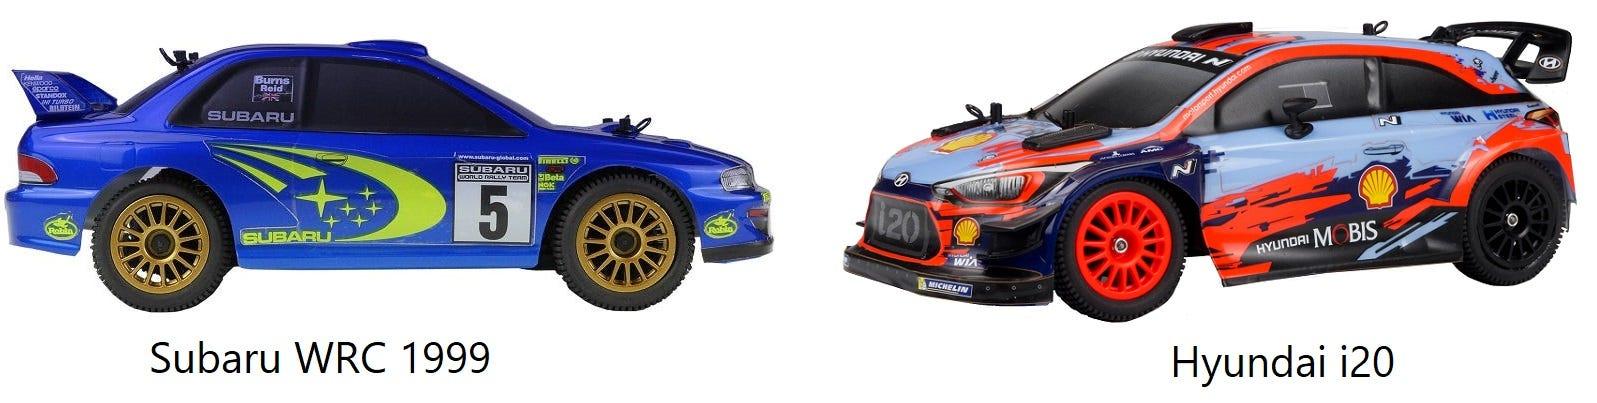 GT24 WRC RC Rally Cars